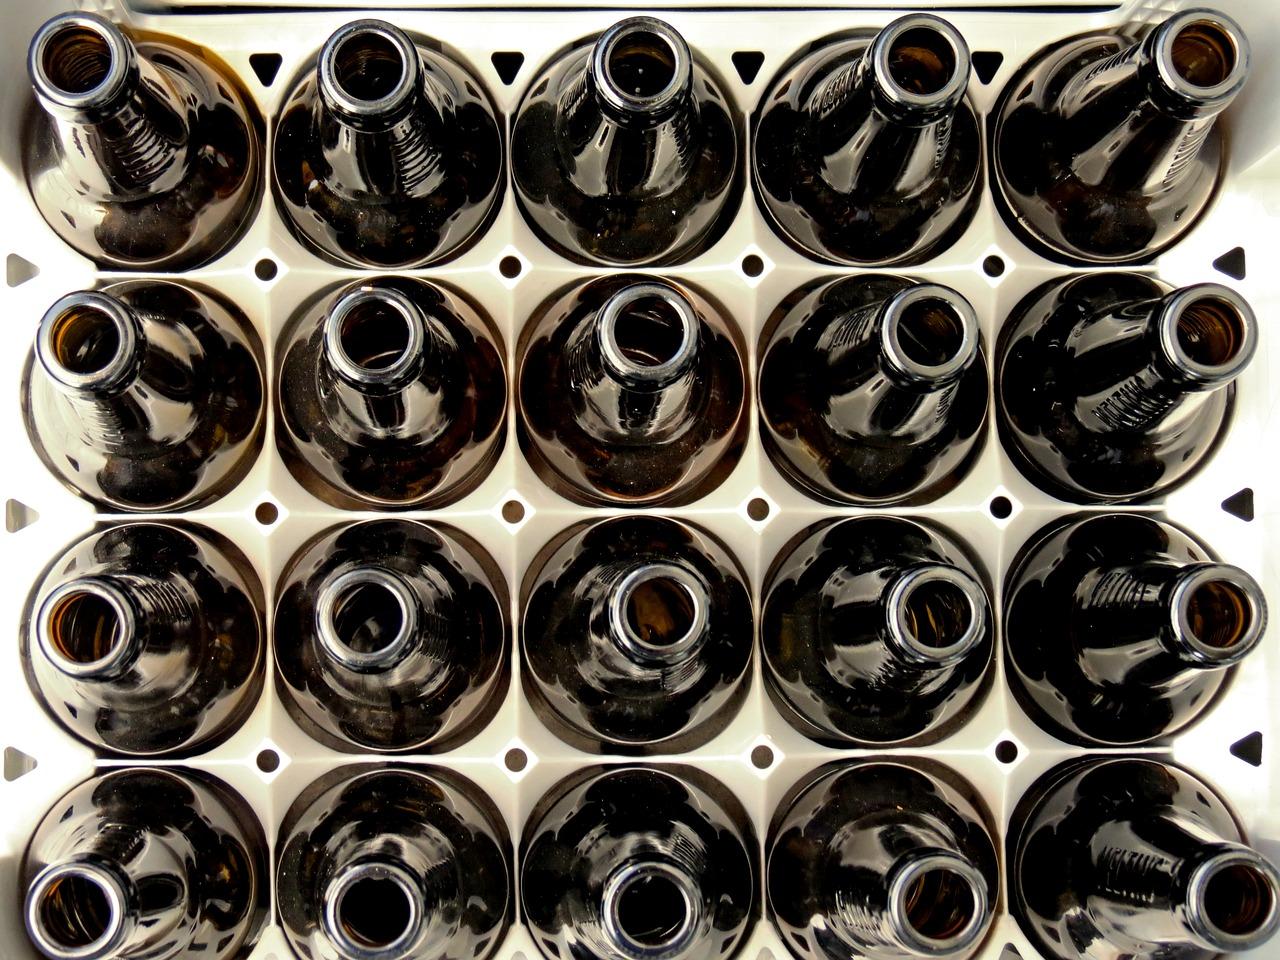 beer-box-1995774_1280.jpg